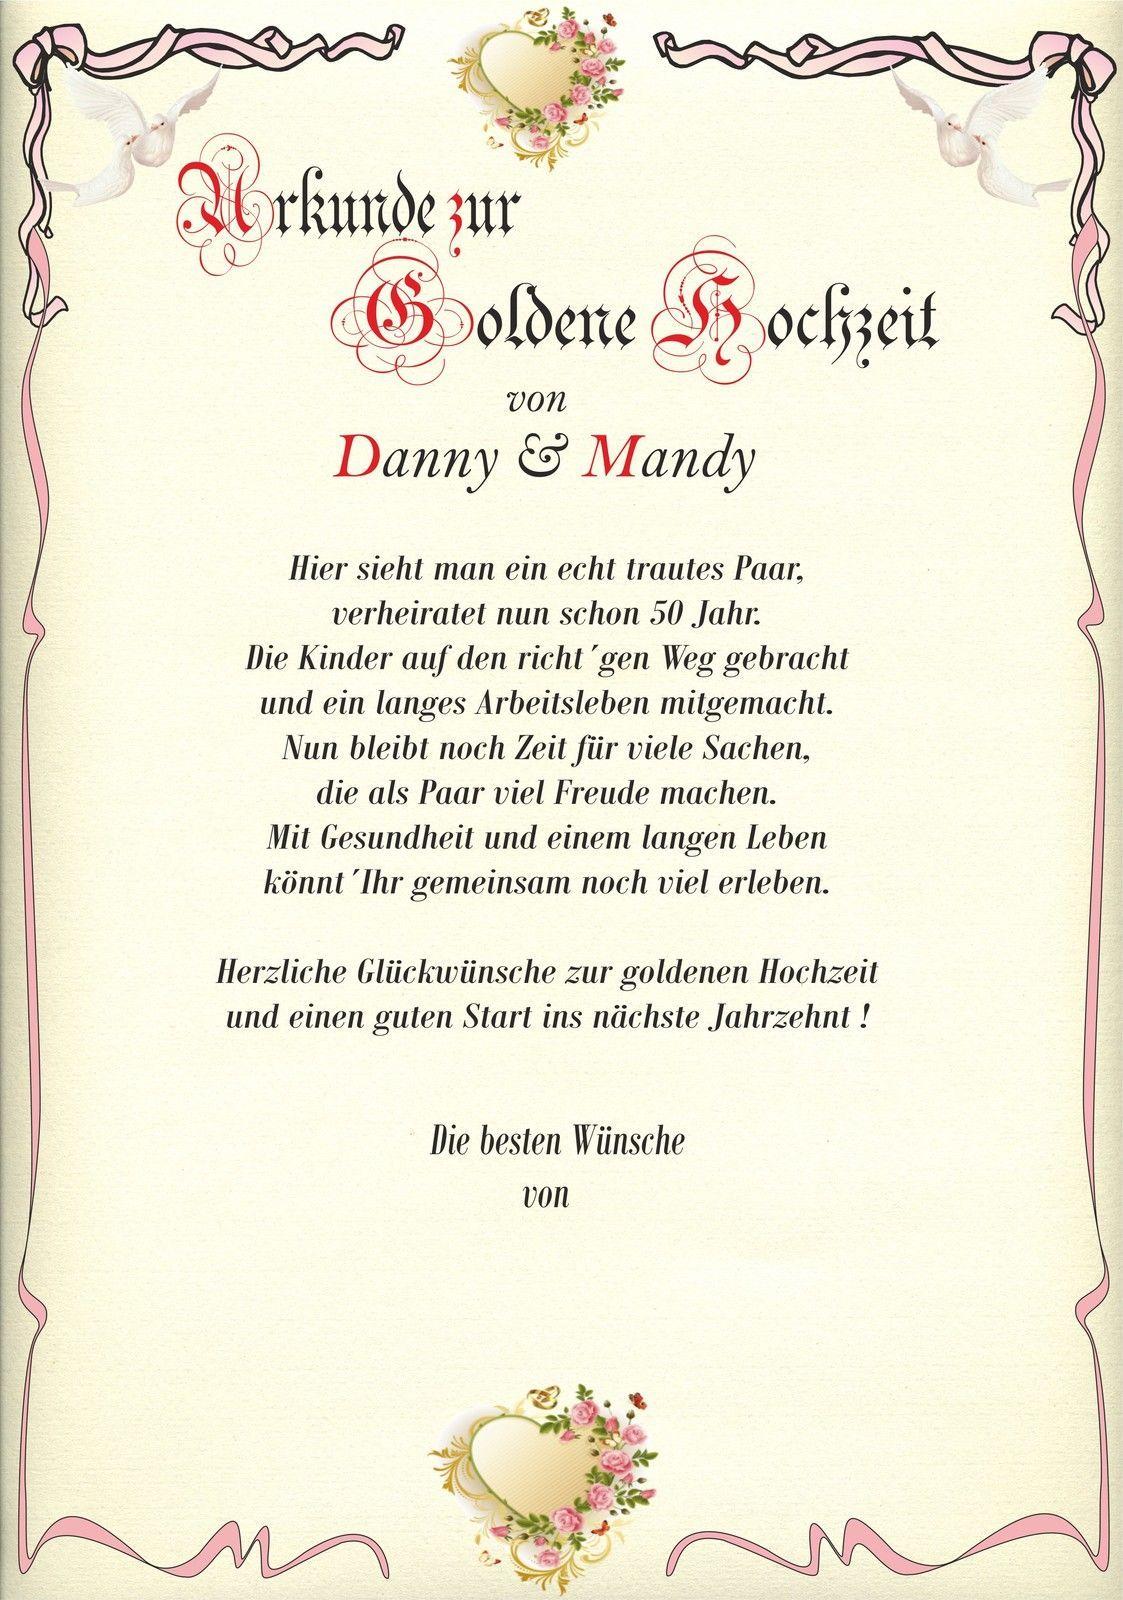 Goldene Hochzeit Urkunde Zur Hochzeit Geschenk Gluckwunsch Kar Geschenke Zur Goldenen Hochzeit Gluckwunsche Zur Goldenen Hochzeit Geldgeschenk Goldene Hochzeit